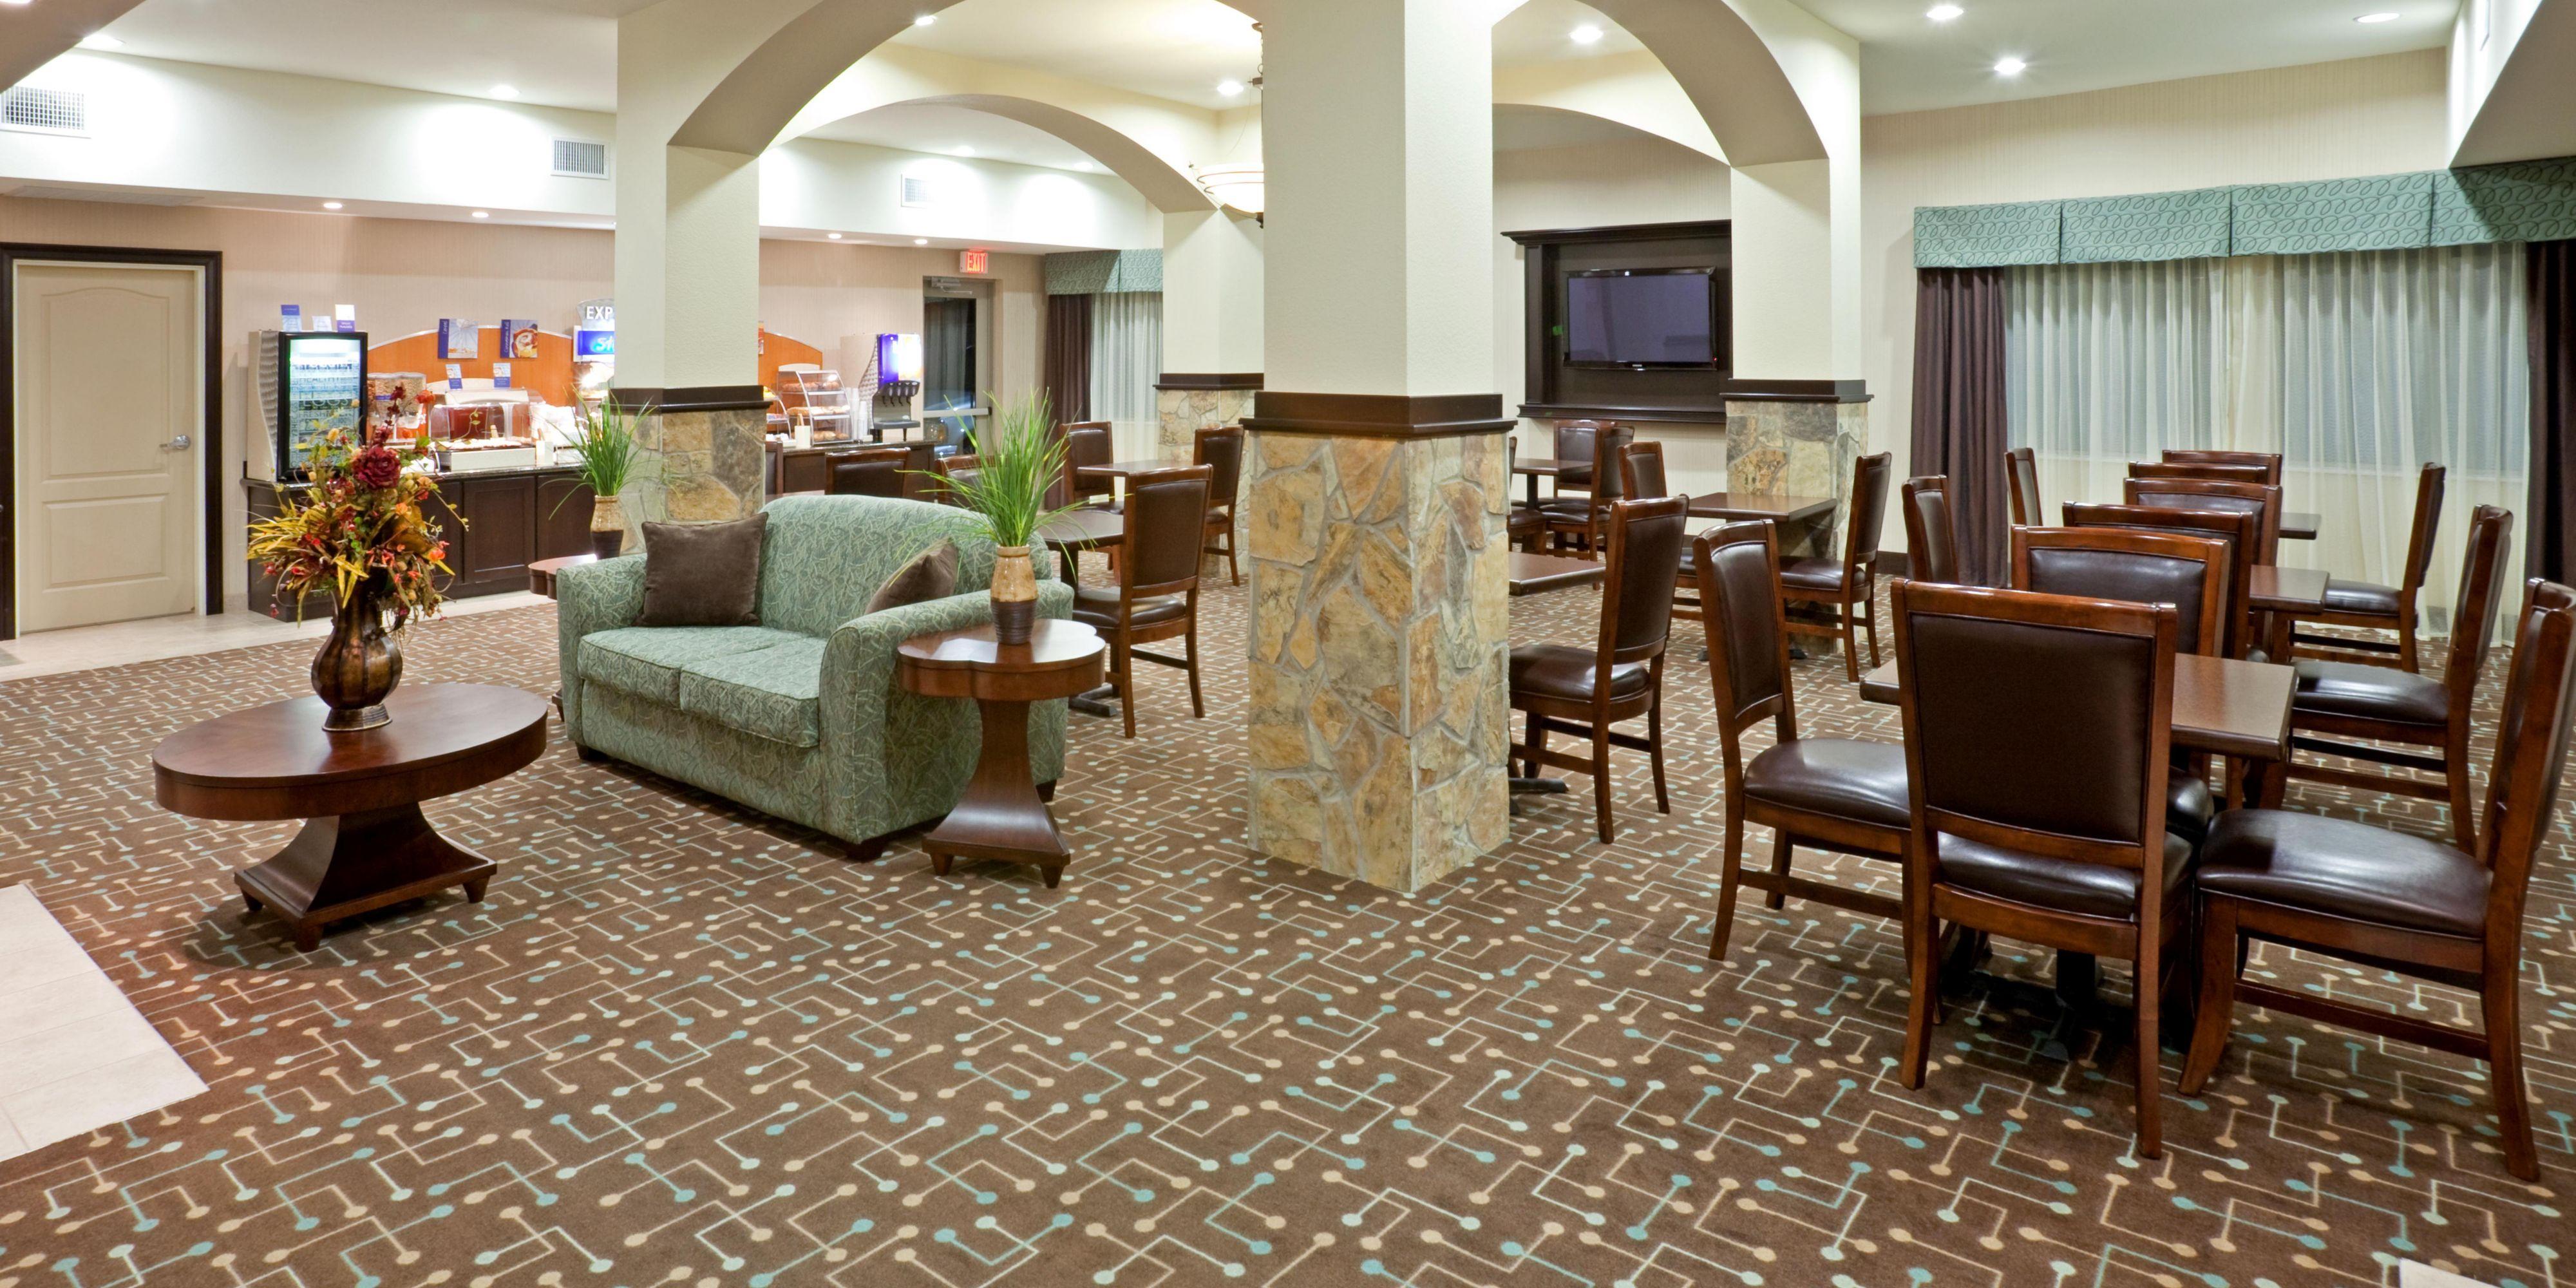 Holiday Inn Express & Suites Dallas Southwest-Cedar Hill Hotel by IHG